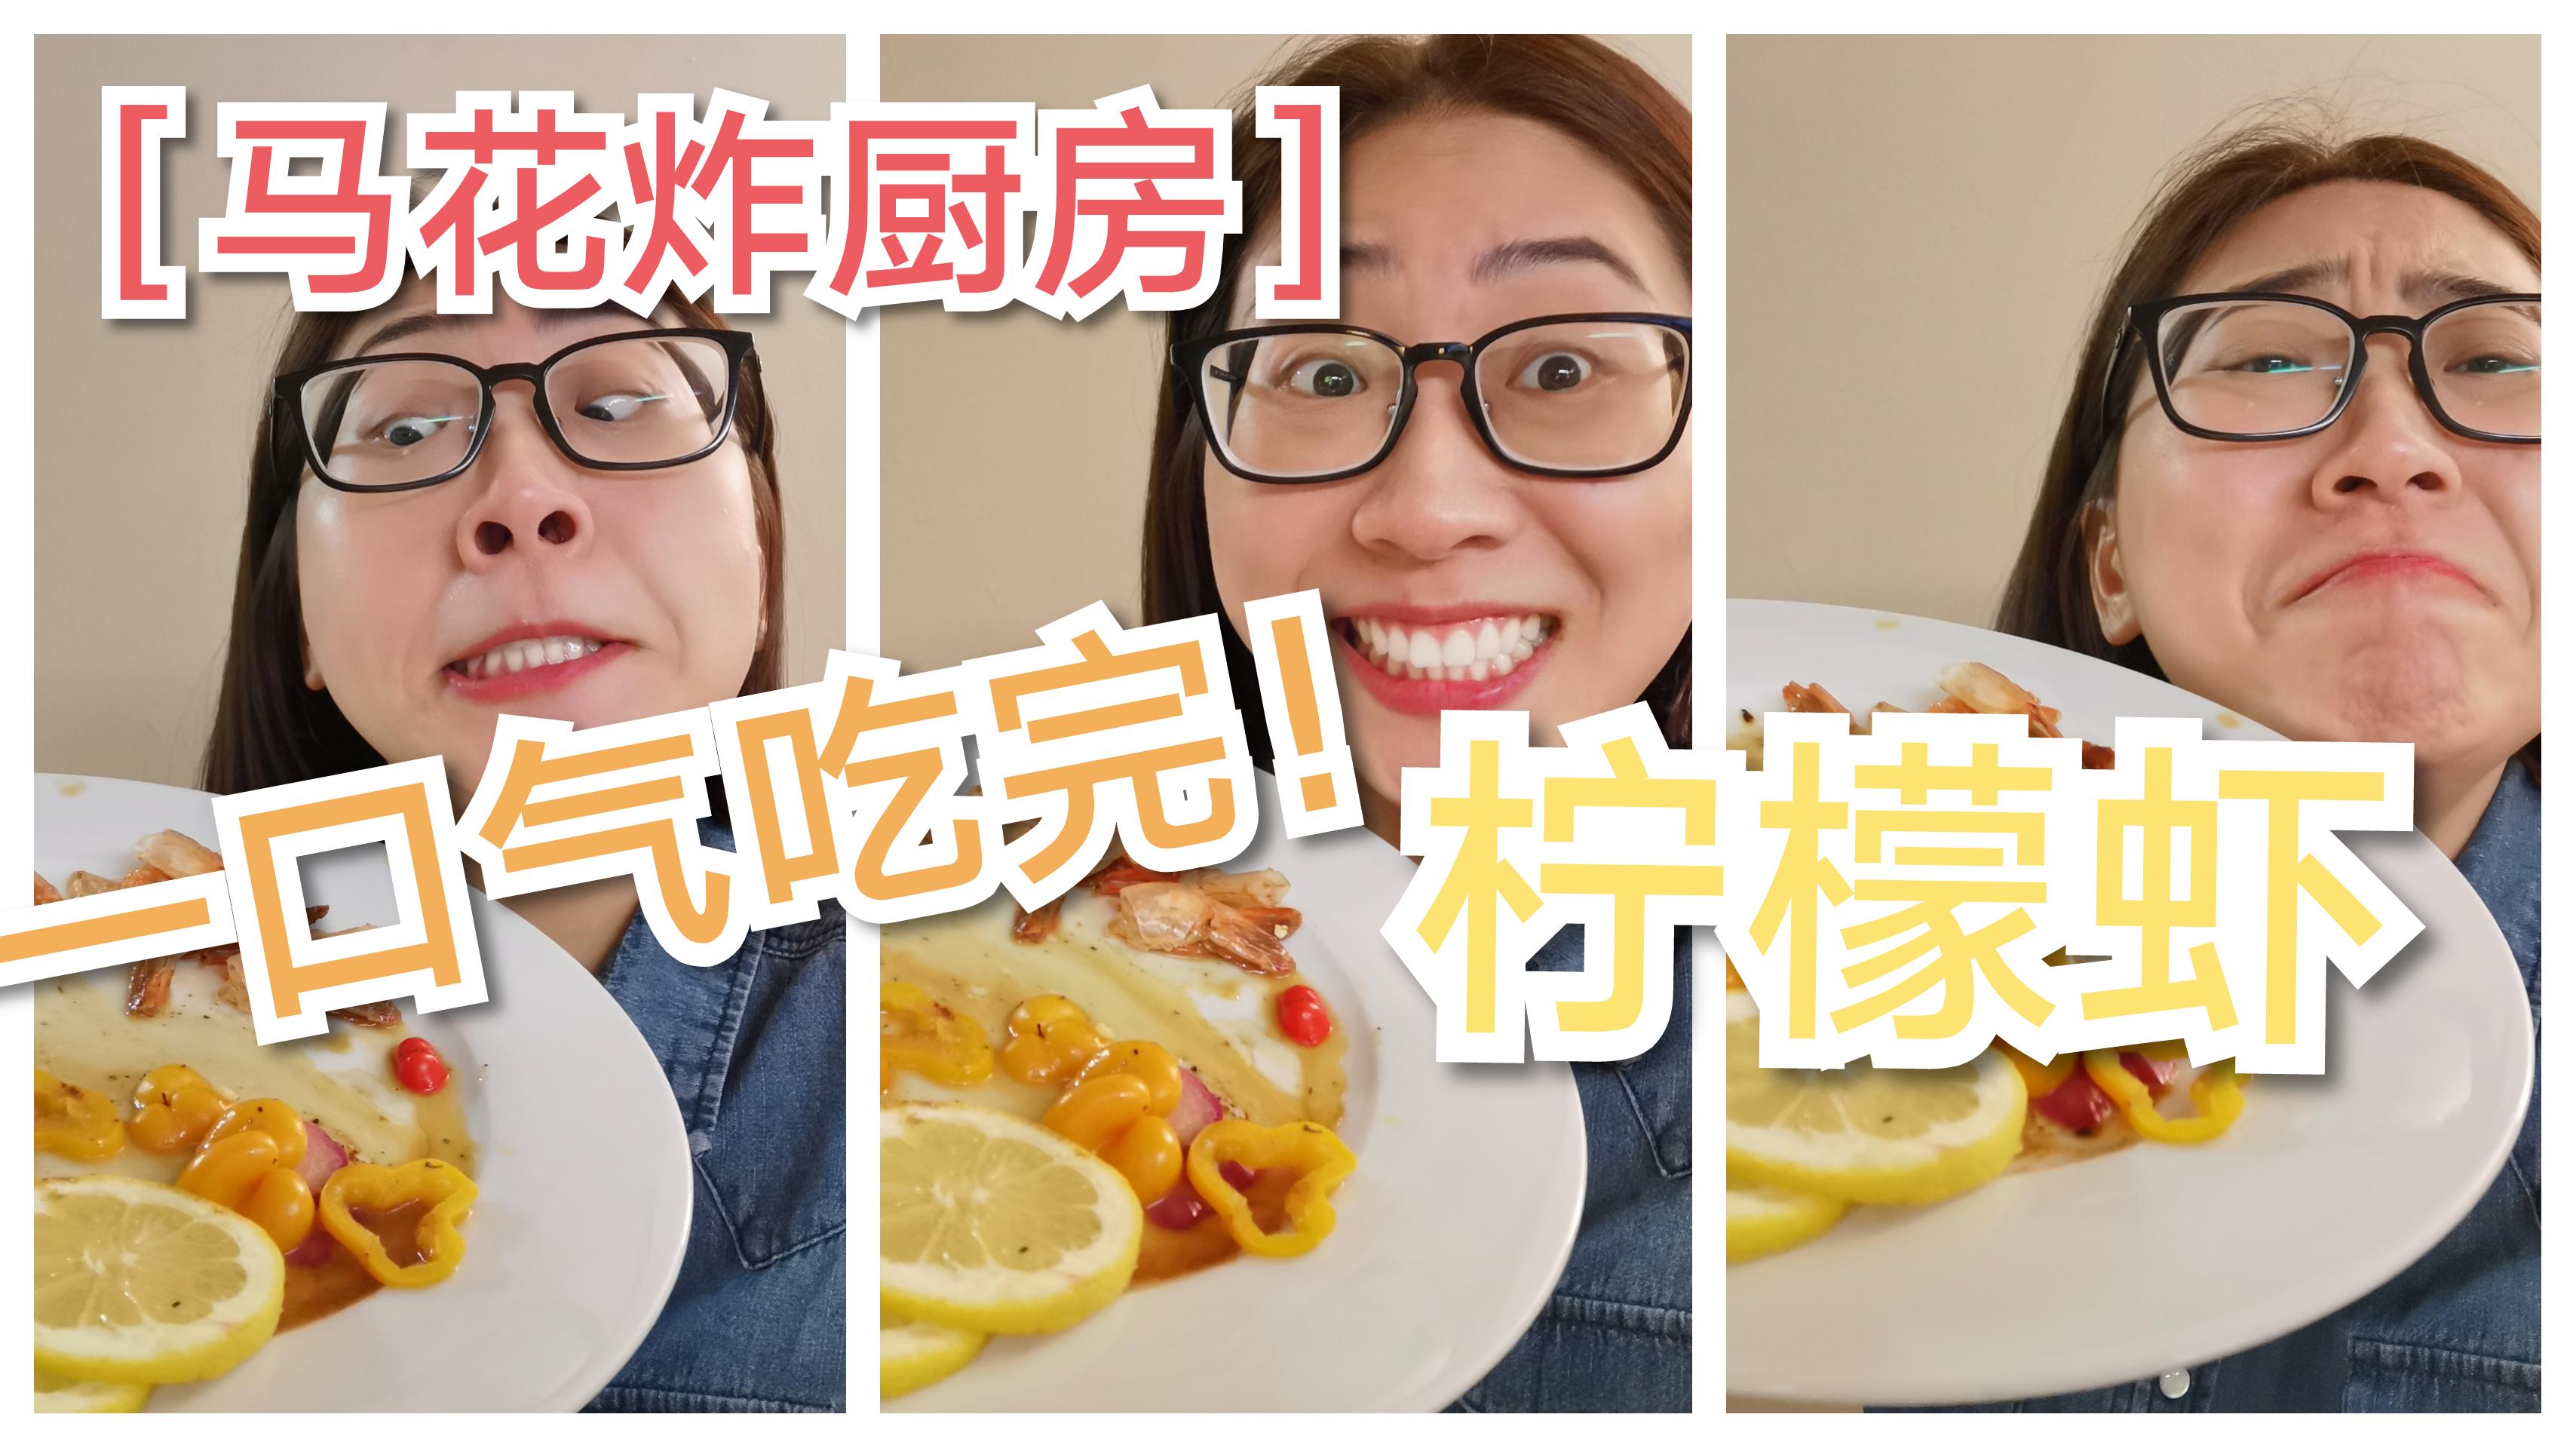 【马花炸厨房】这回真的不自夸—绝世美味柠檬虾